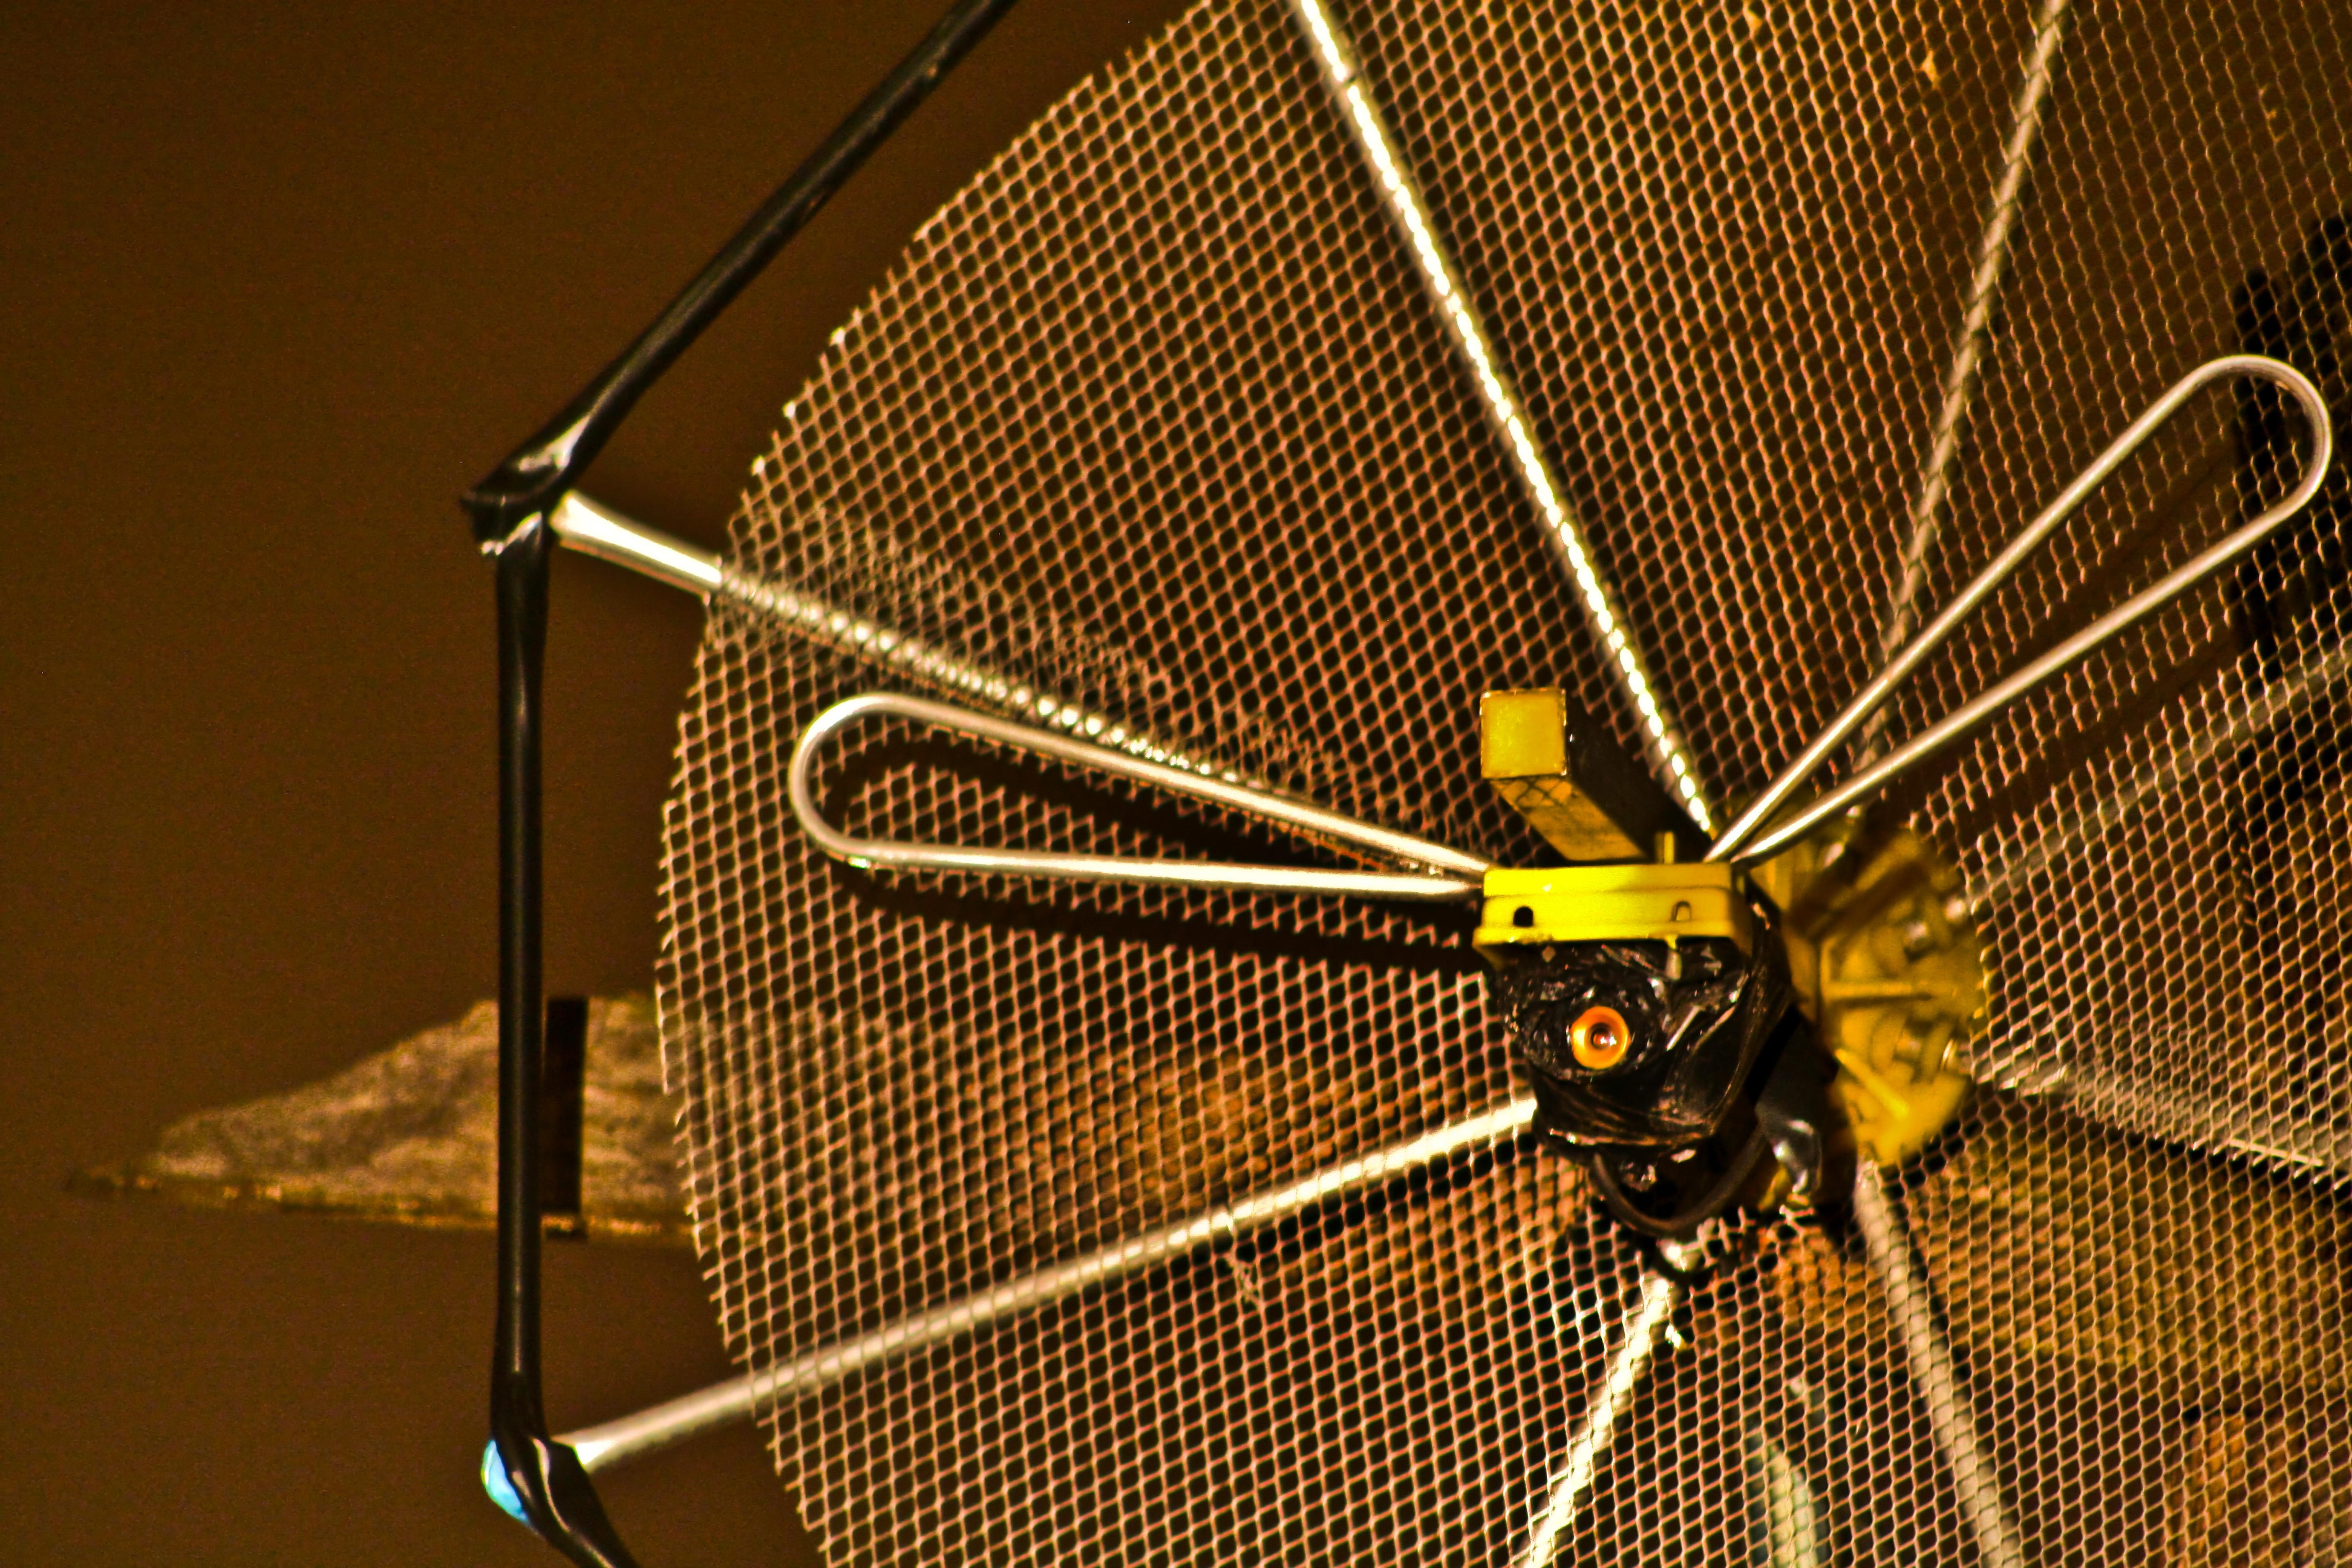 Micro-Câmera camuflada em antena